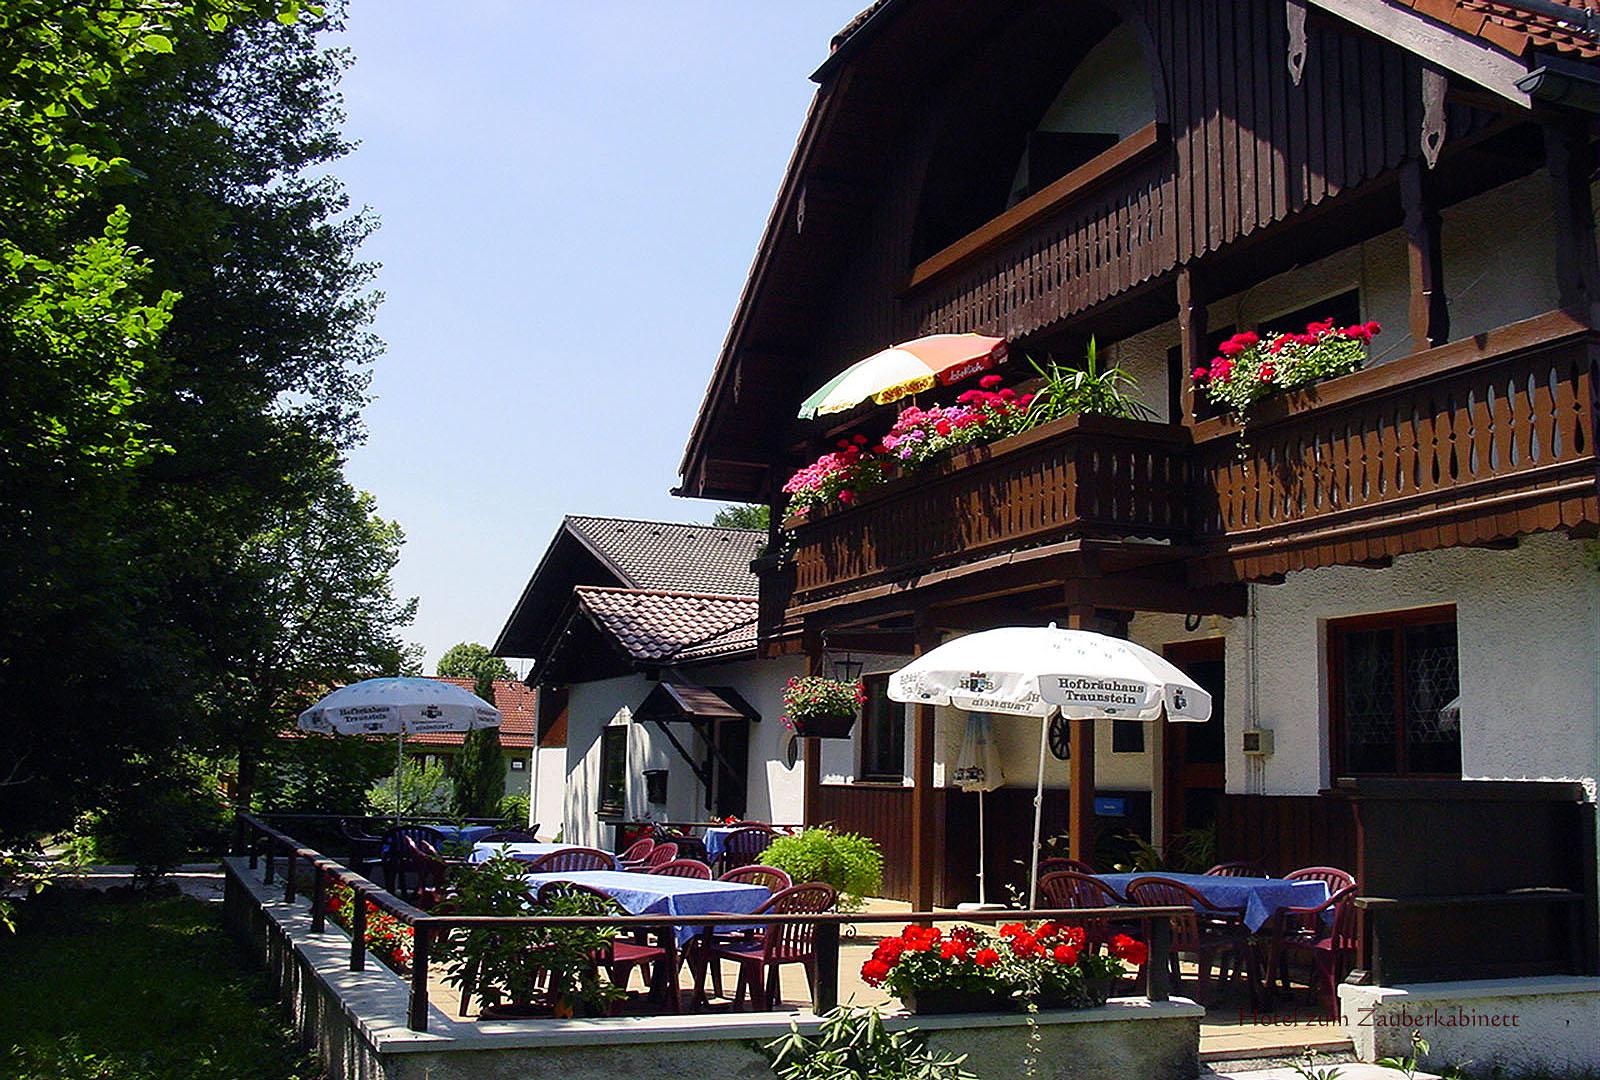 Terrasse Hotel zum Zauberkabinett